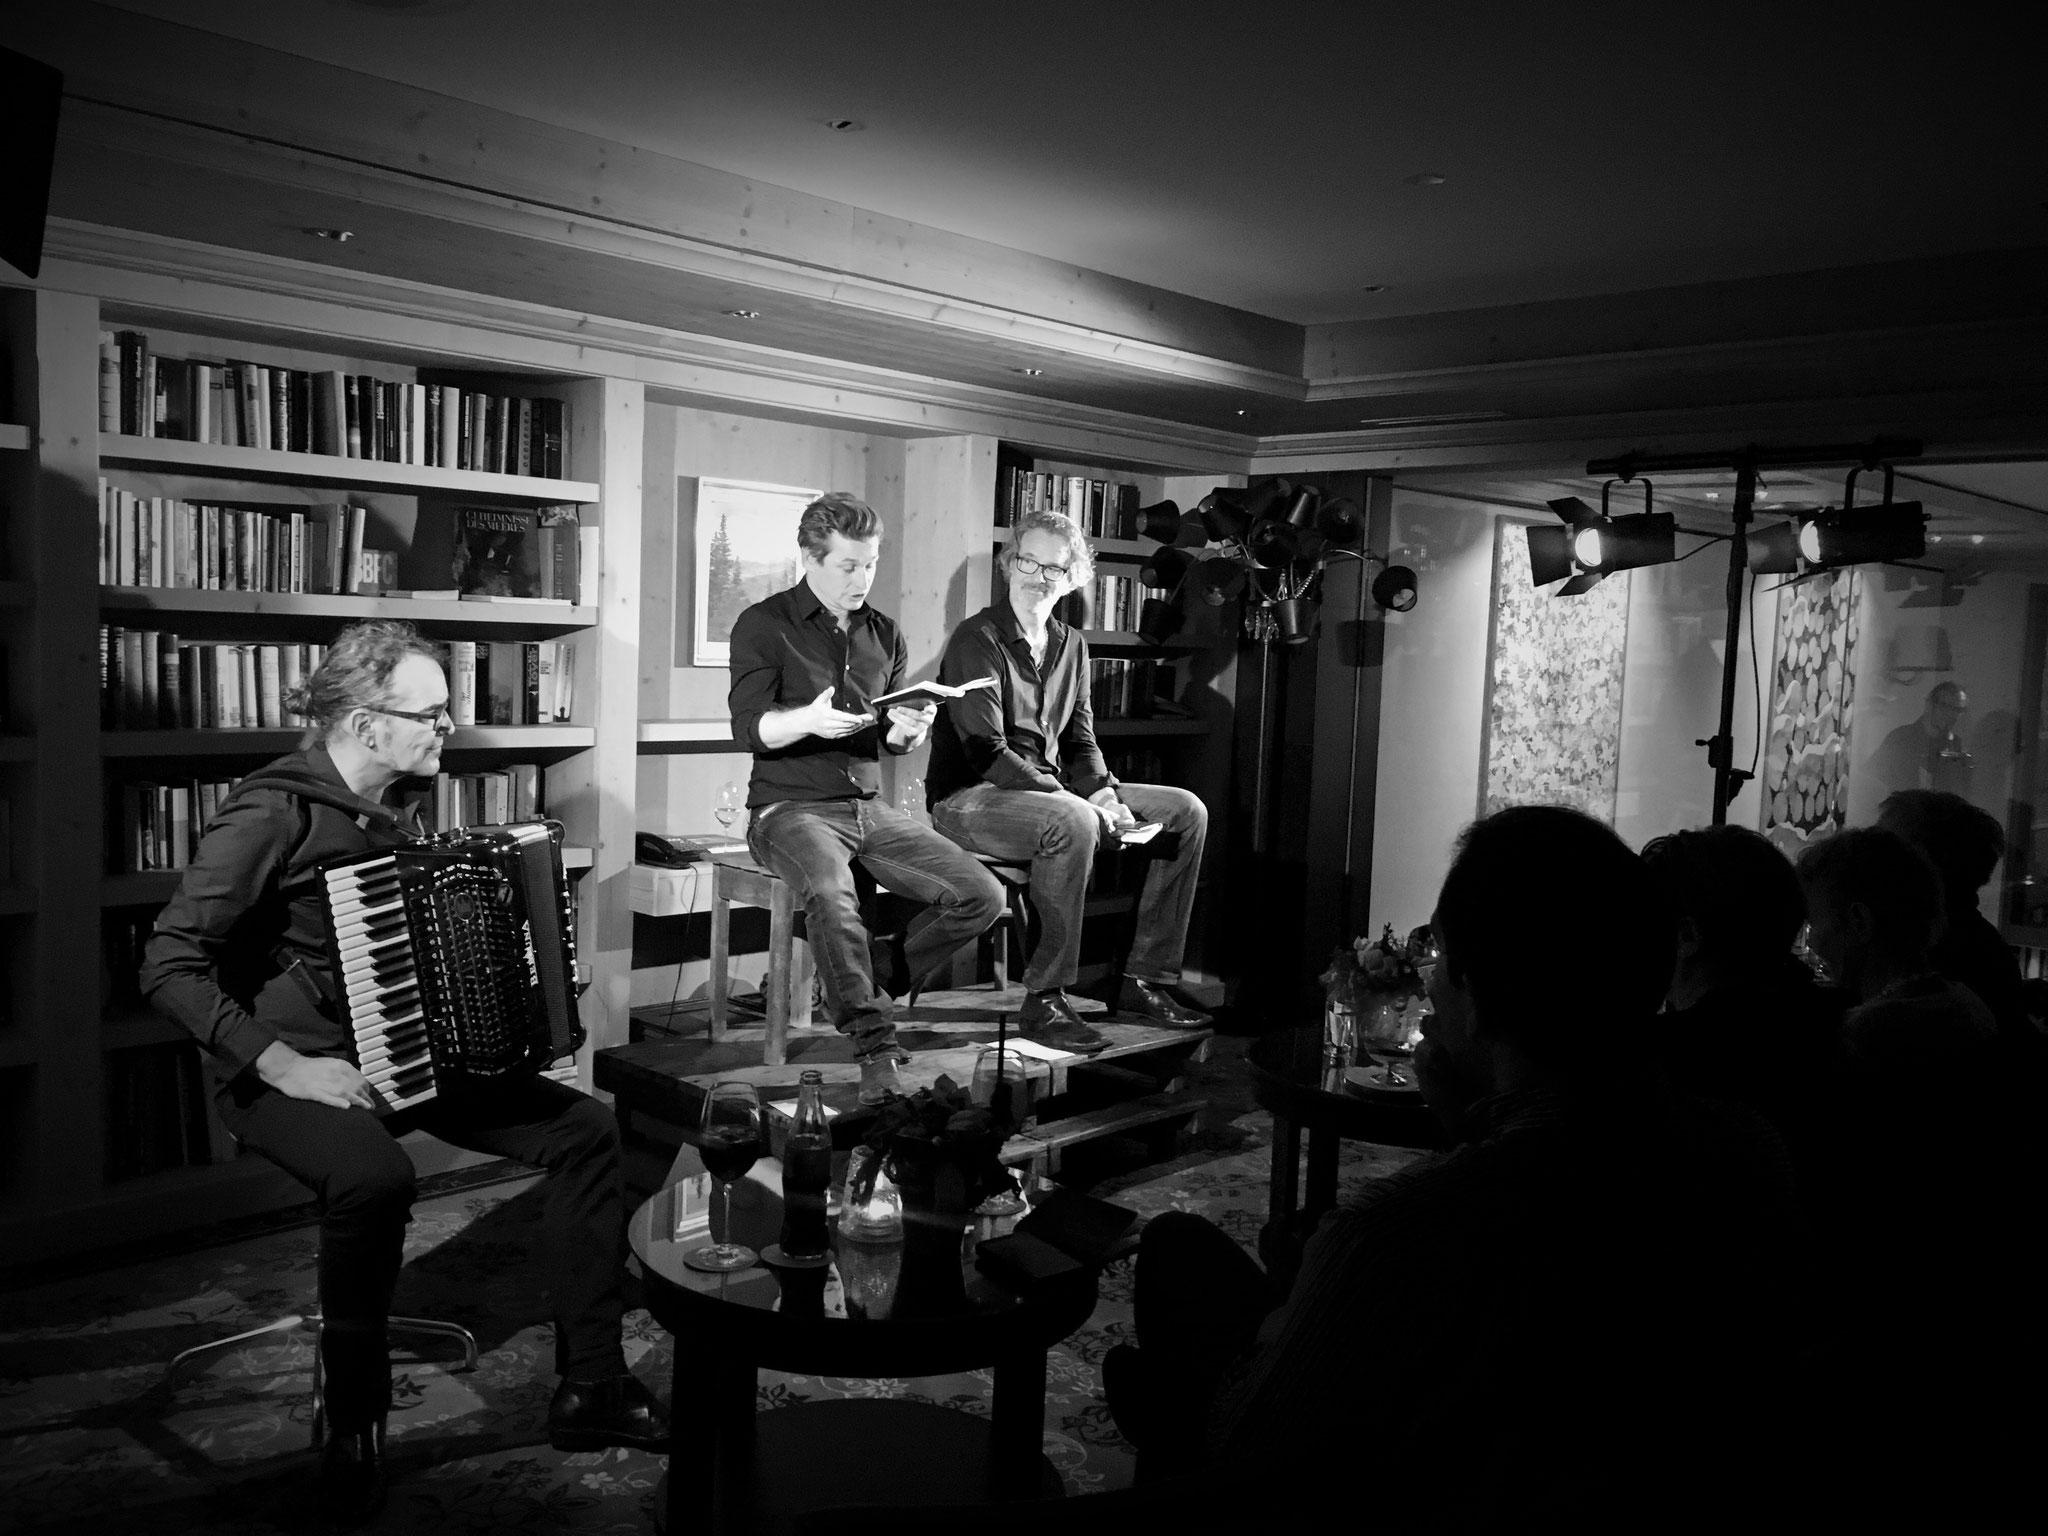 Christian Brantschen, Arno Camenisch und Gian Rupf, Ermitage